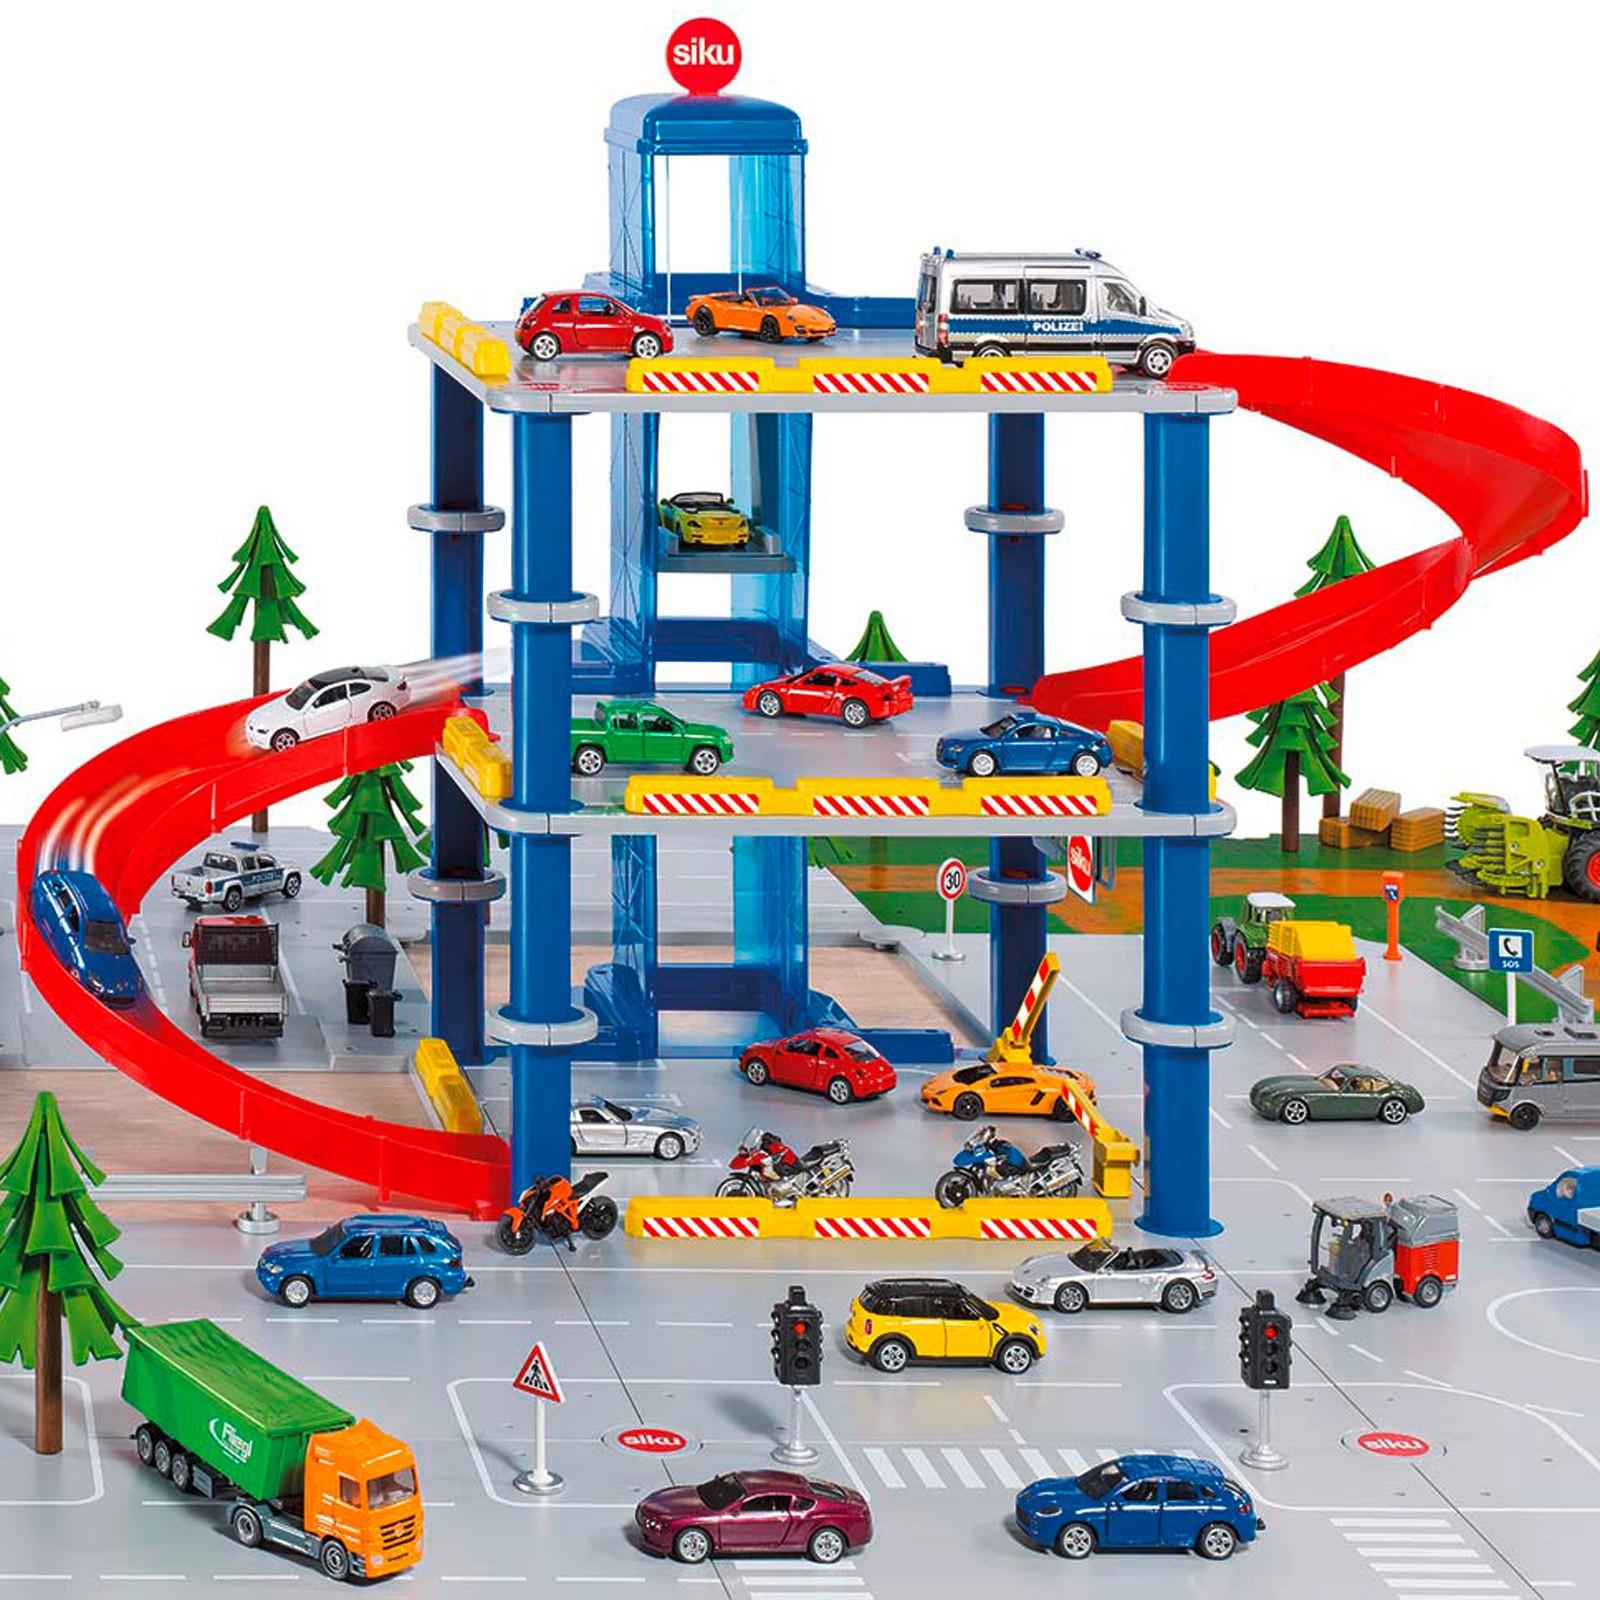 Siku sikuworld spielzeug parkhaus mit ebenen aufzug